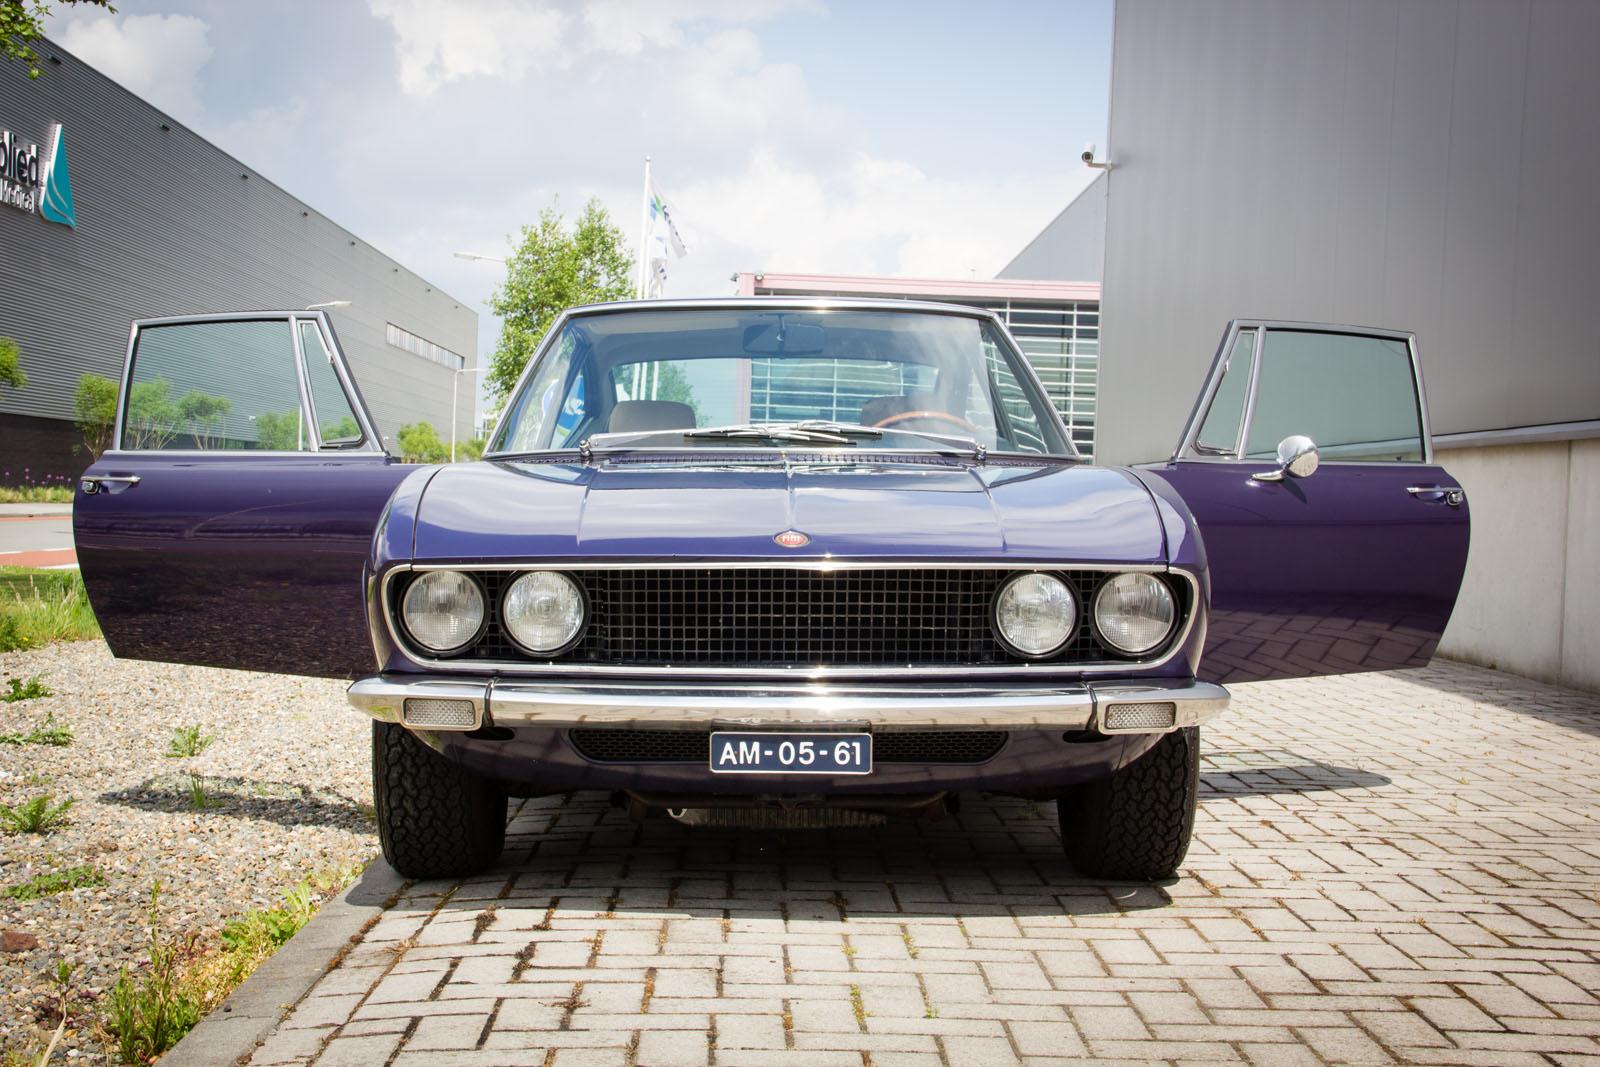 Fiat-Dino-oldtimerland-12.jpg